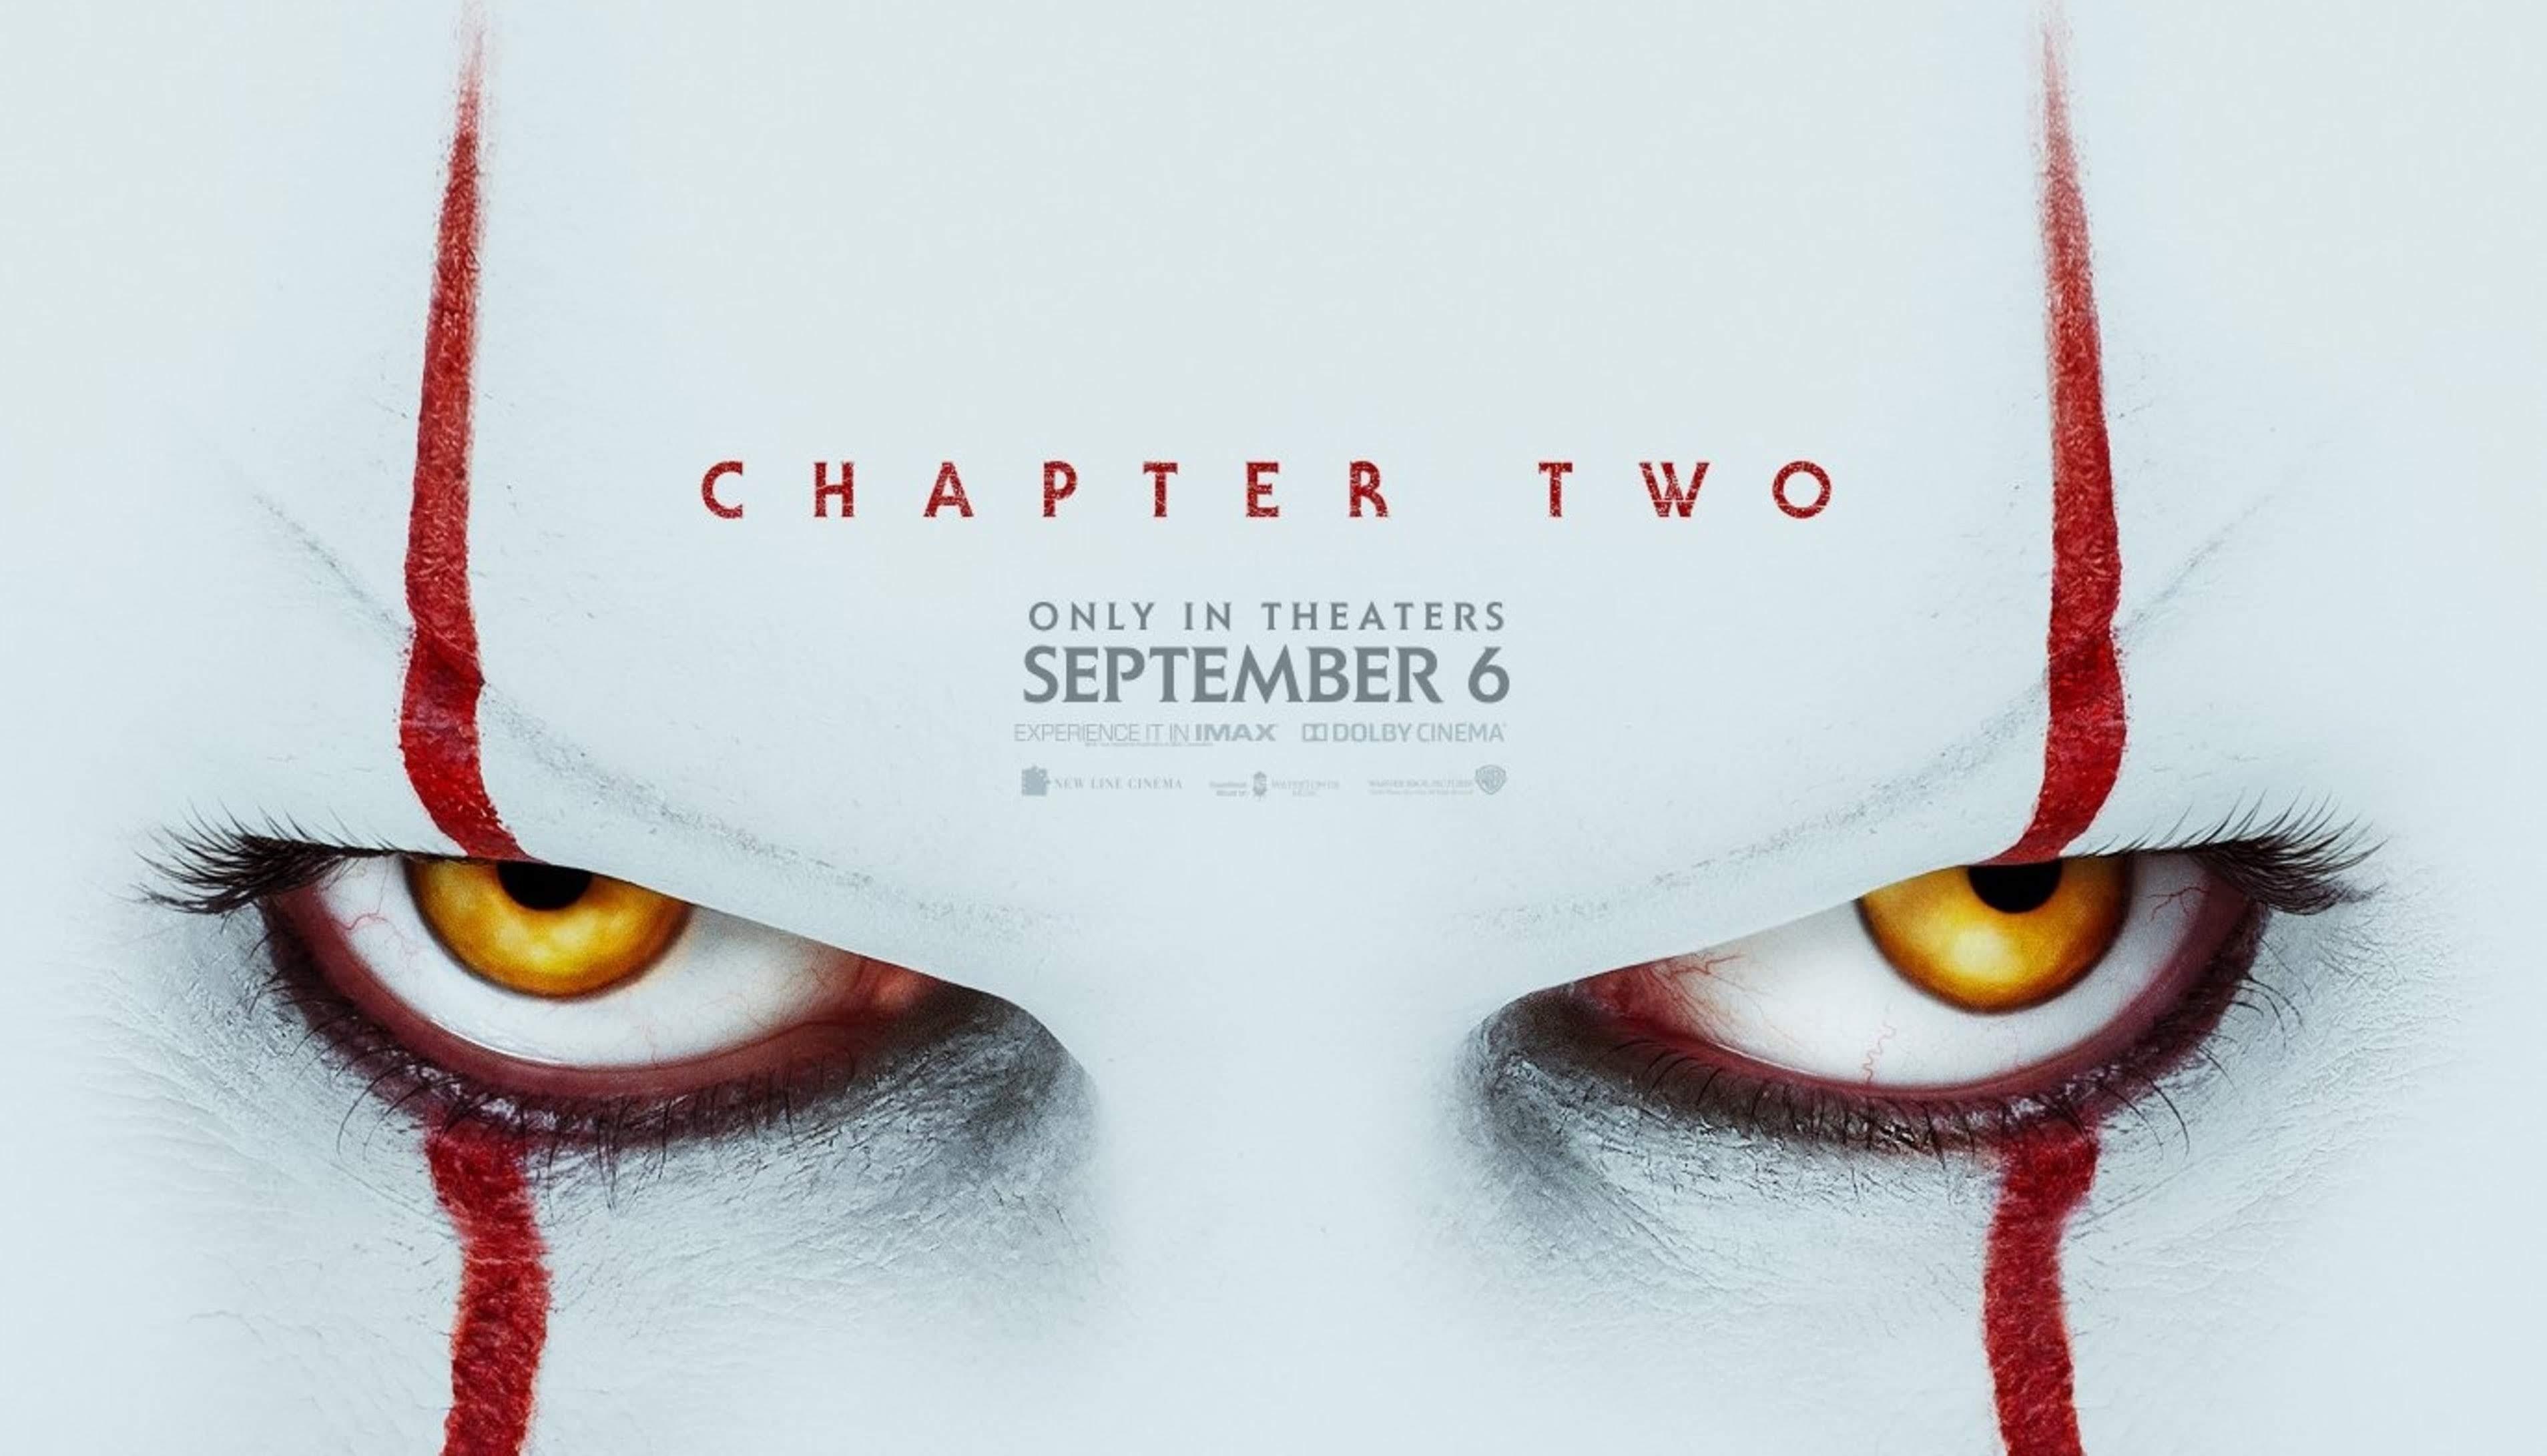 Stephen King's It: Chapter Two : スティーヴン・キング原作のホラー映画史上最大ヒット作「It(イット)」の続編「チャプター 2」が、新しい予告編の解禁に先がけて、恐怖のピエロをフィーチャーしたポスターをリリース ! !